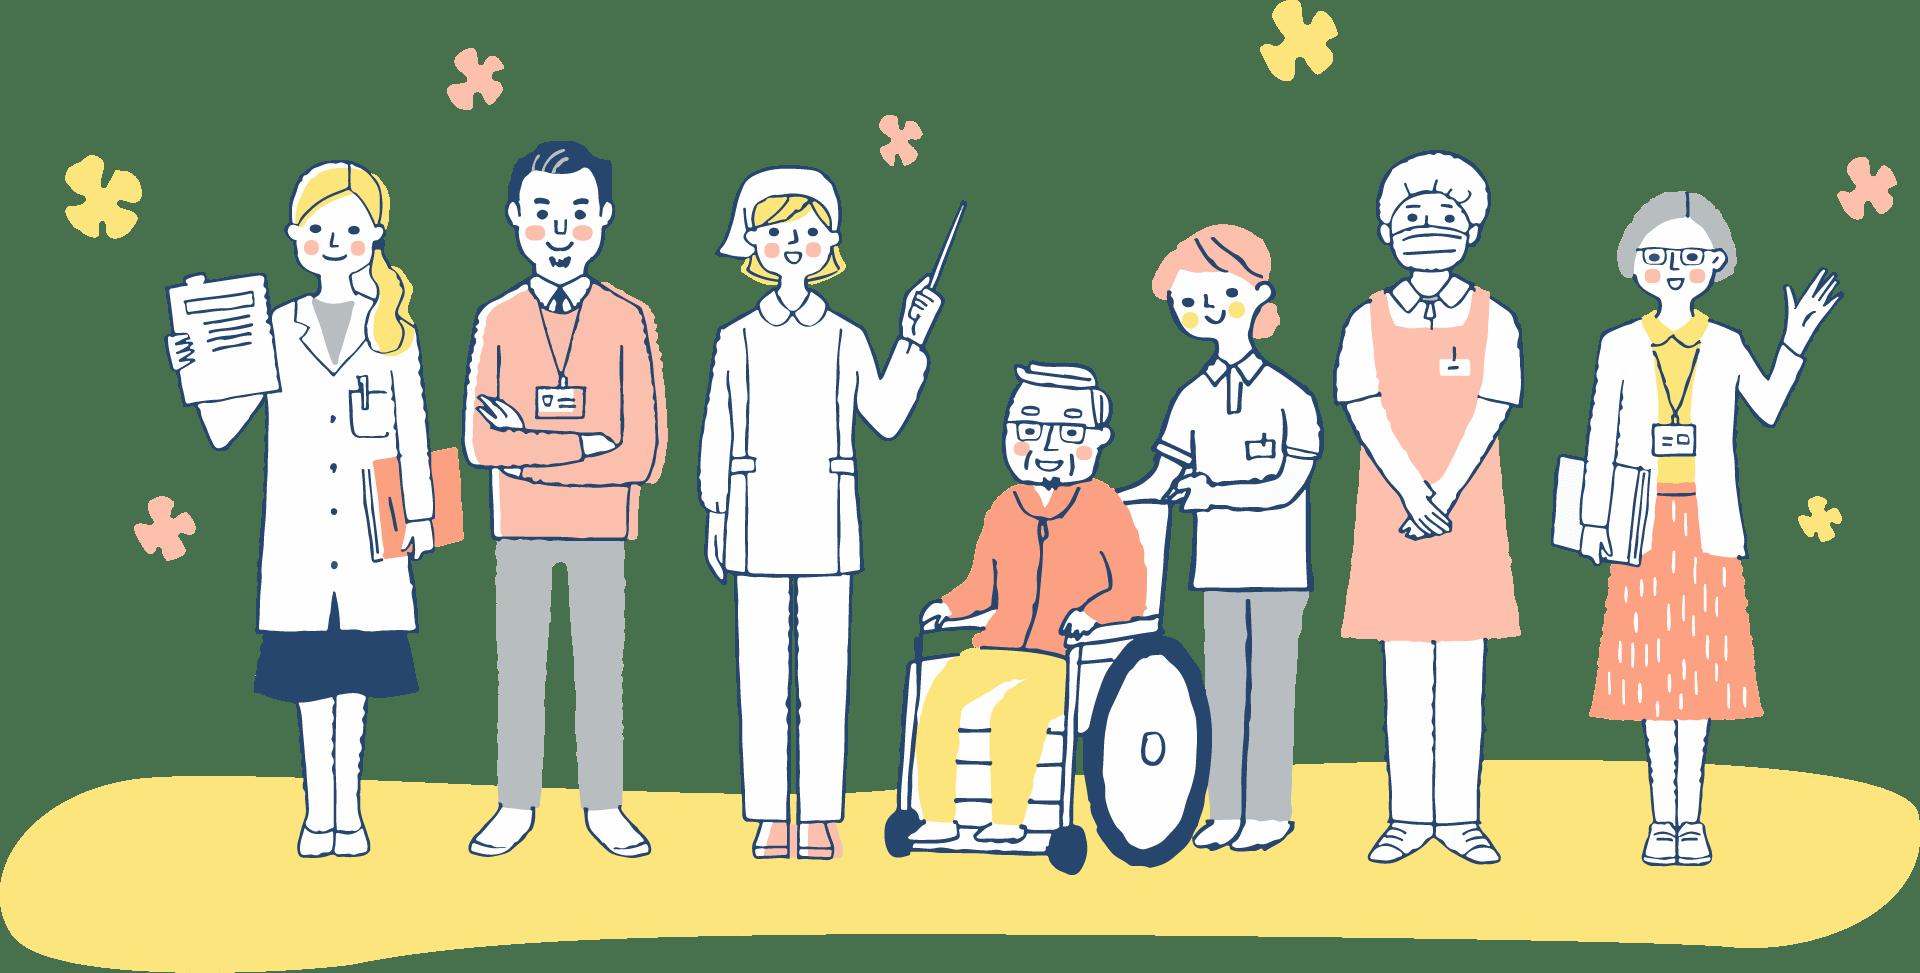 介護施設のスタッフ様とご利用者様のイラスト